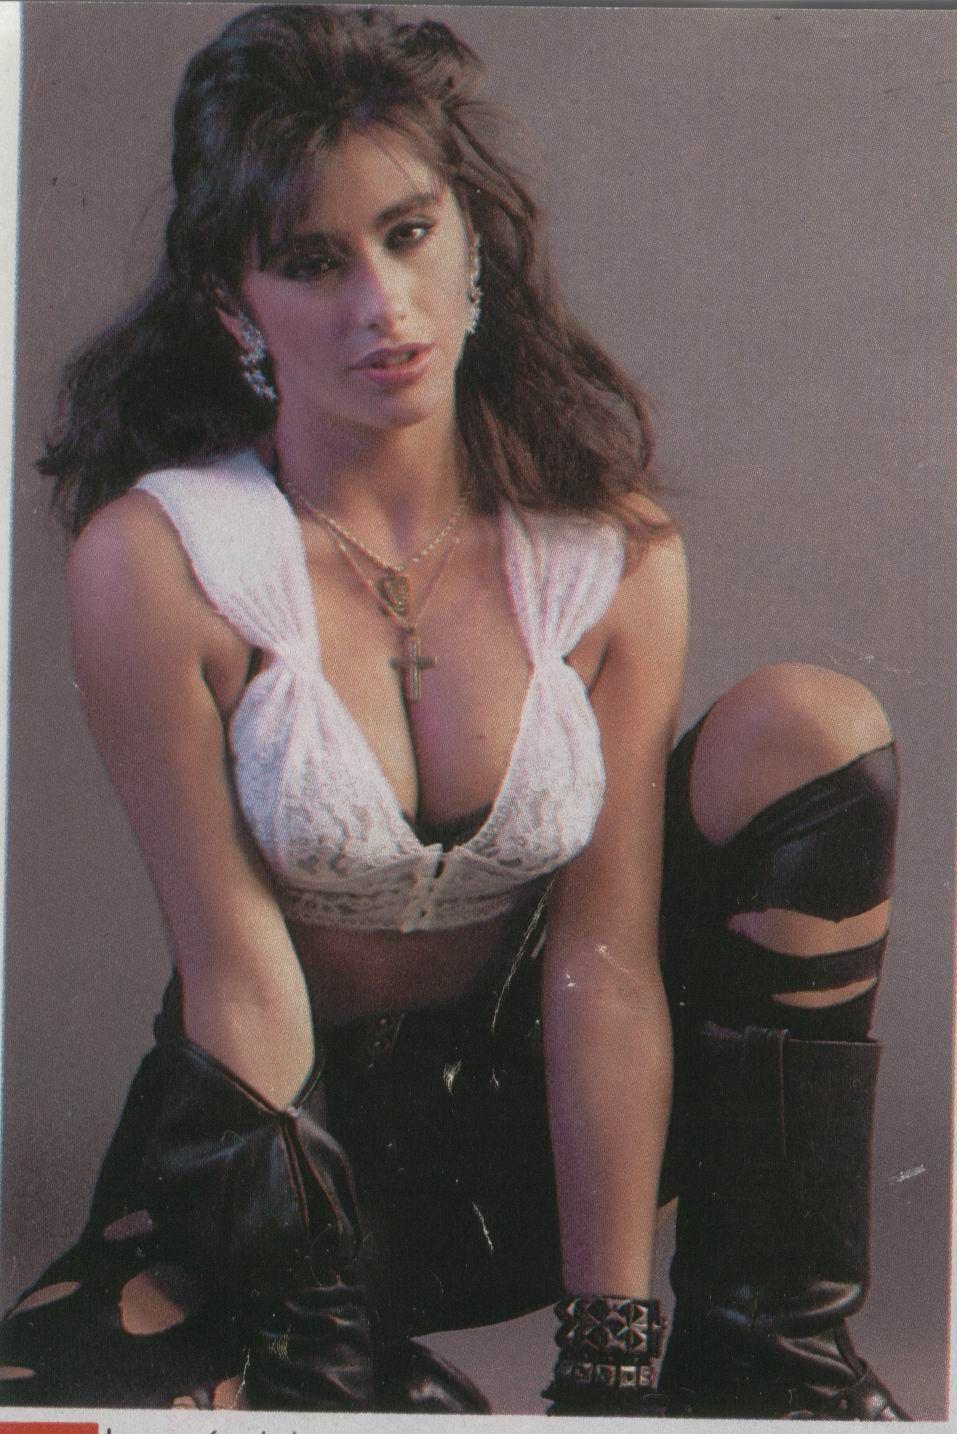 Sabrina salerno nude pics